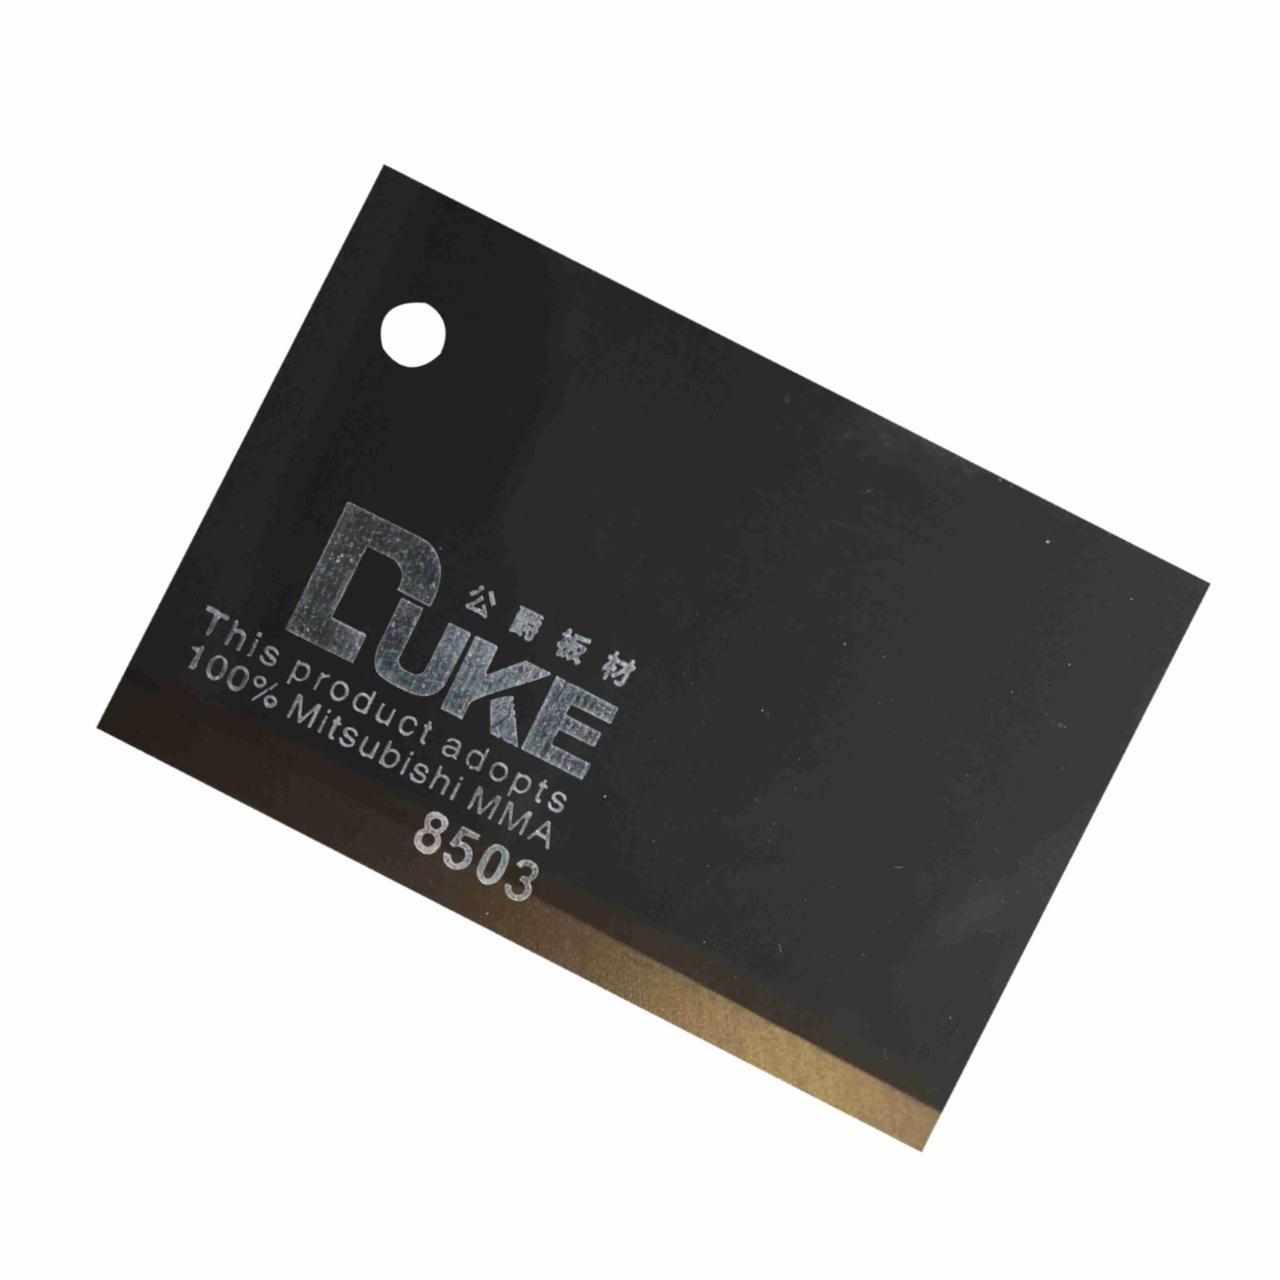 Темно-серый листовой акрил №8503 (3мм) 1,22мХ2,44м